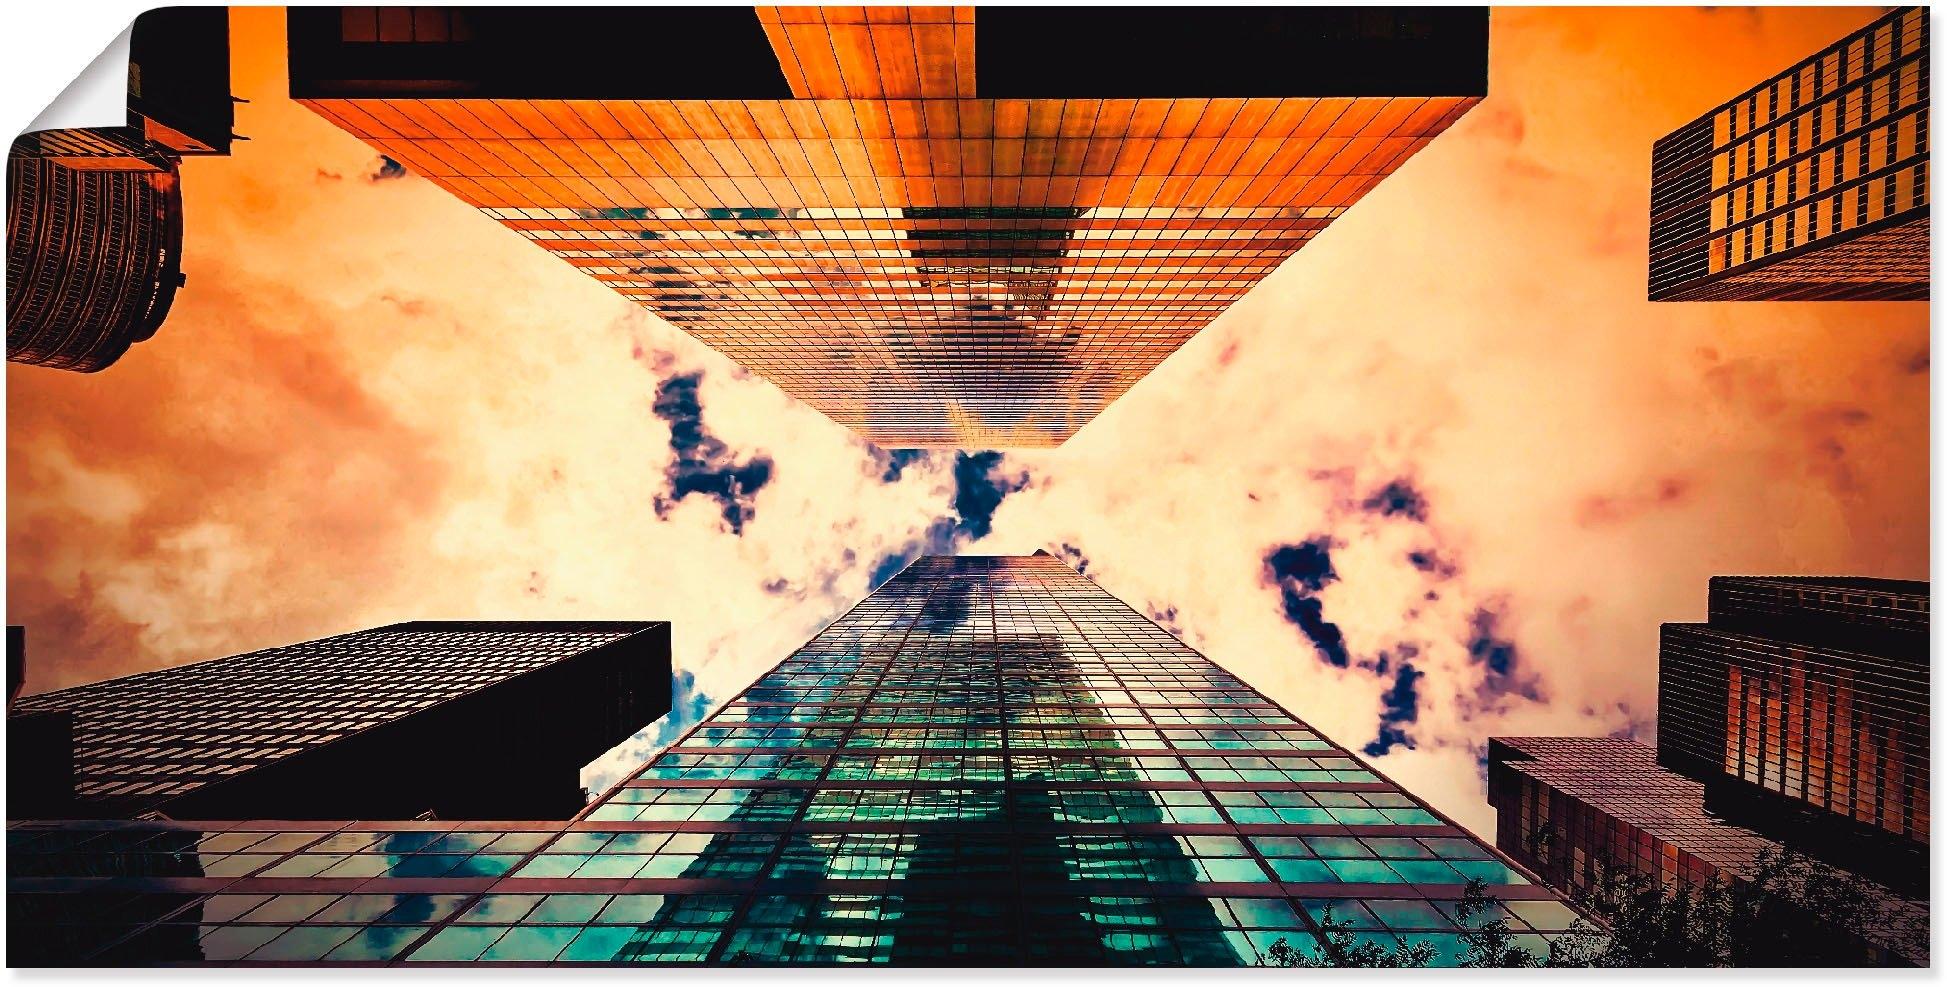 Artland artprint New York flatgebouw in vele afmetingen & productsoorten -artprint op linnen, poster, muursticker / wandfolie ook geschikt voor de badkamer (1 stuk) nu online kopen bij OTTO